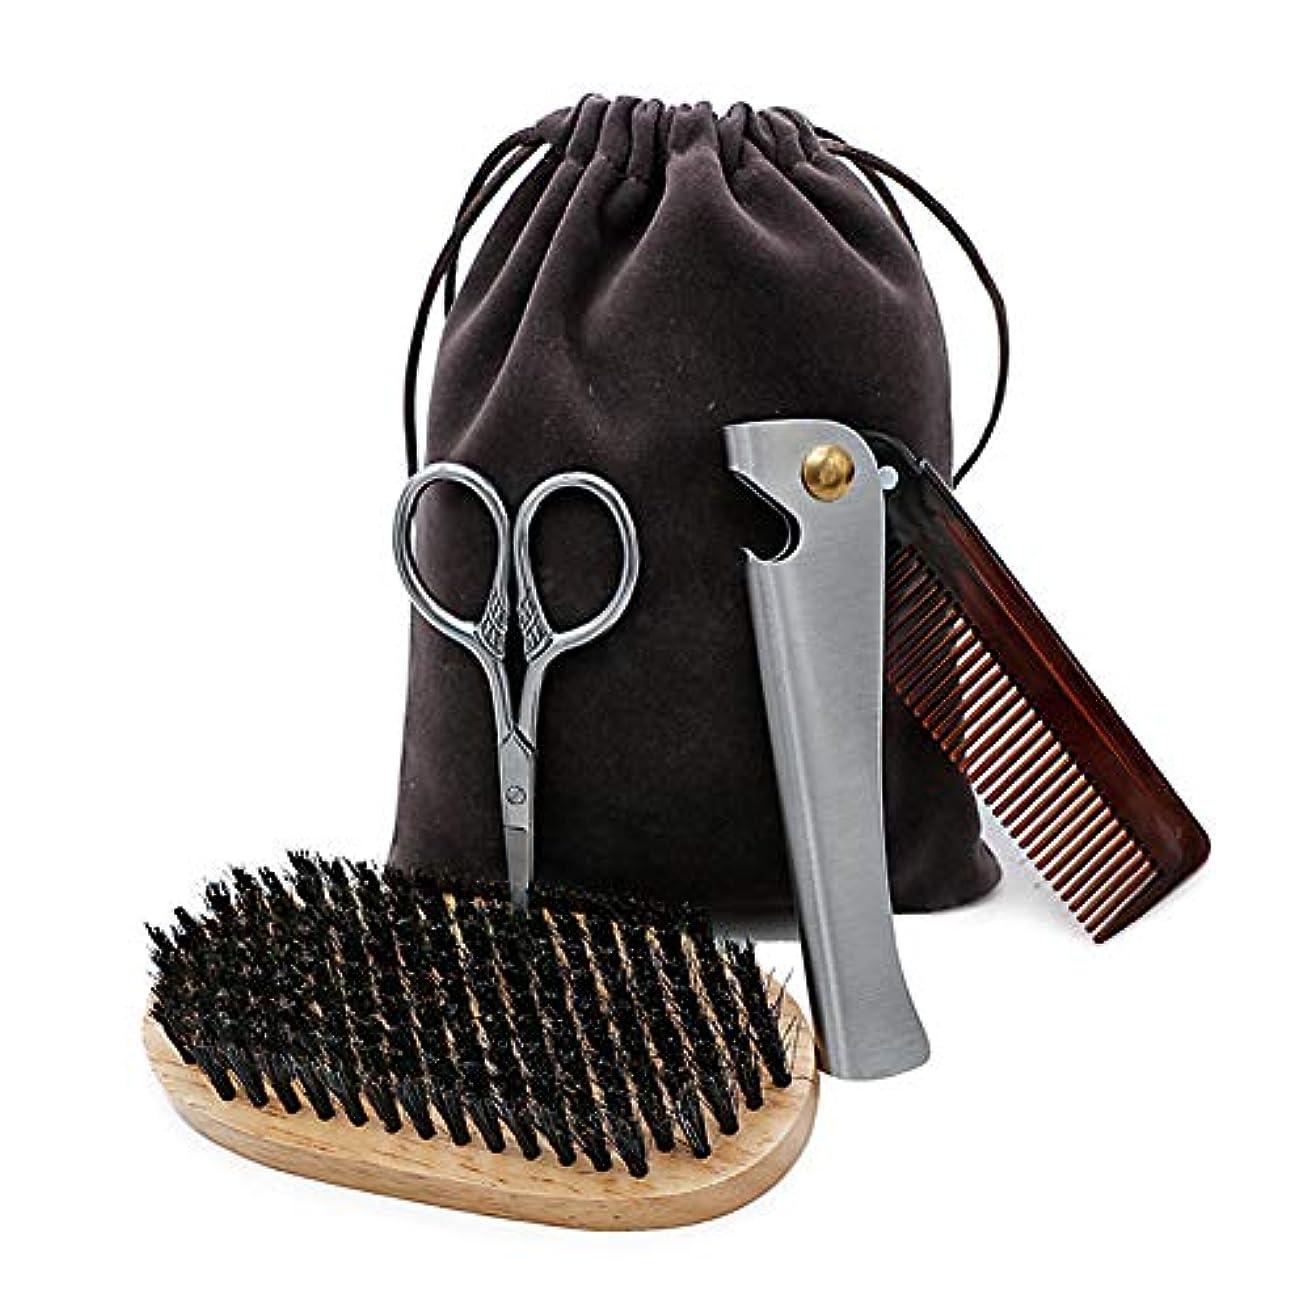 謝罪する作動するモードひげケア3本セット髭ブラシ折りたたみ髭櫛ステンレス鋼シザー髭グルーミング男性顔クリーニング理髪師トリミングキット